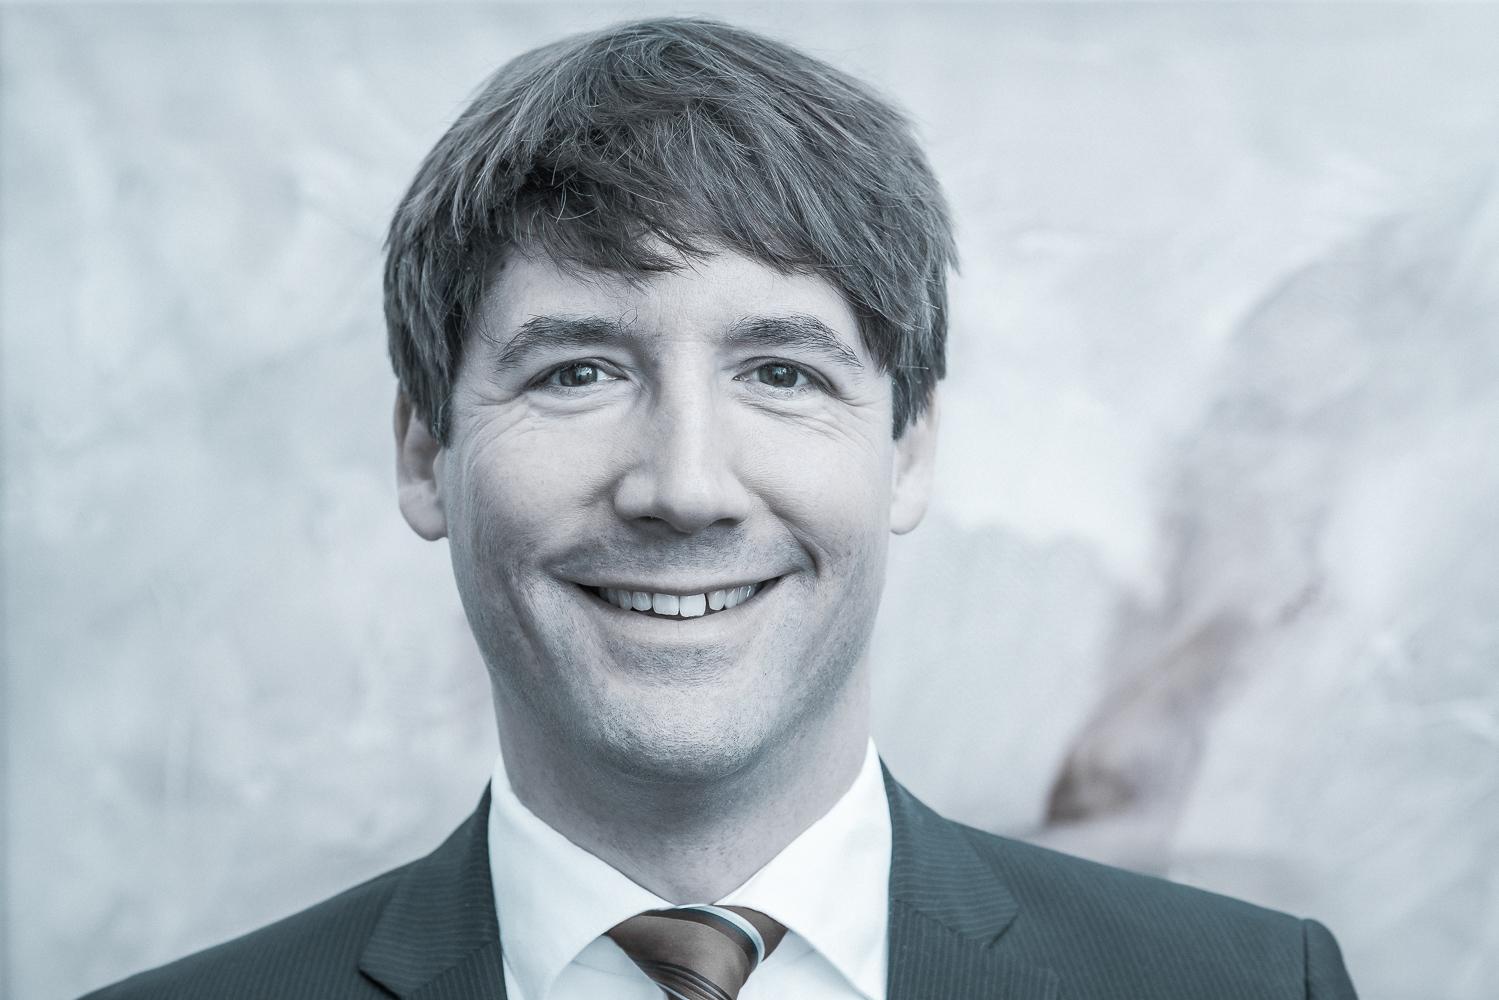 Адвокаты Бартель в Кёльне и Бергхайме, Германия - Адвокат Карл Александр Бартель.